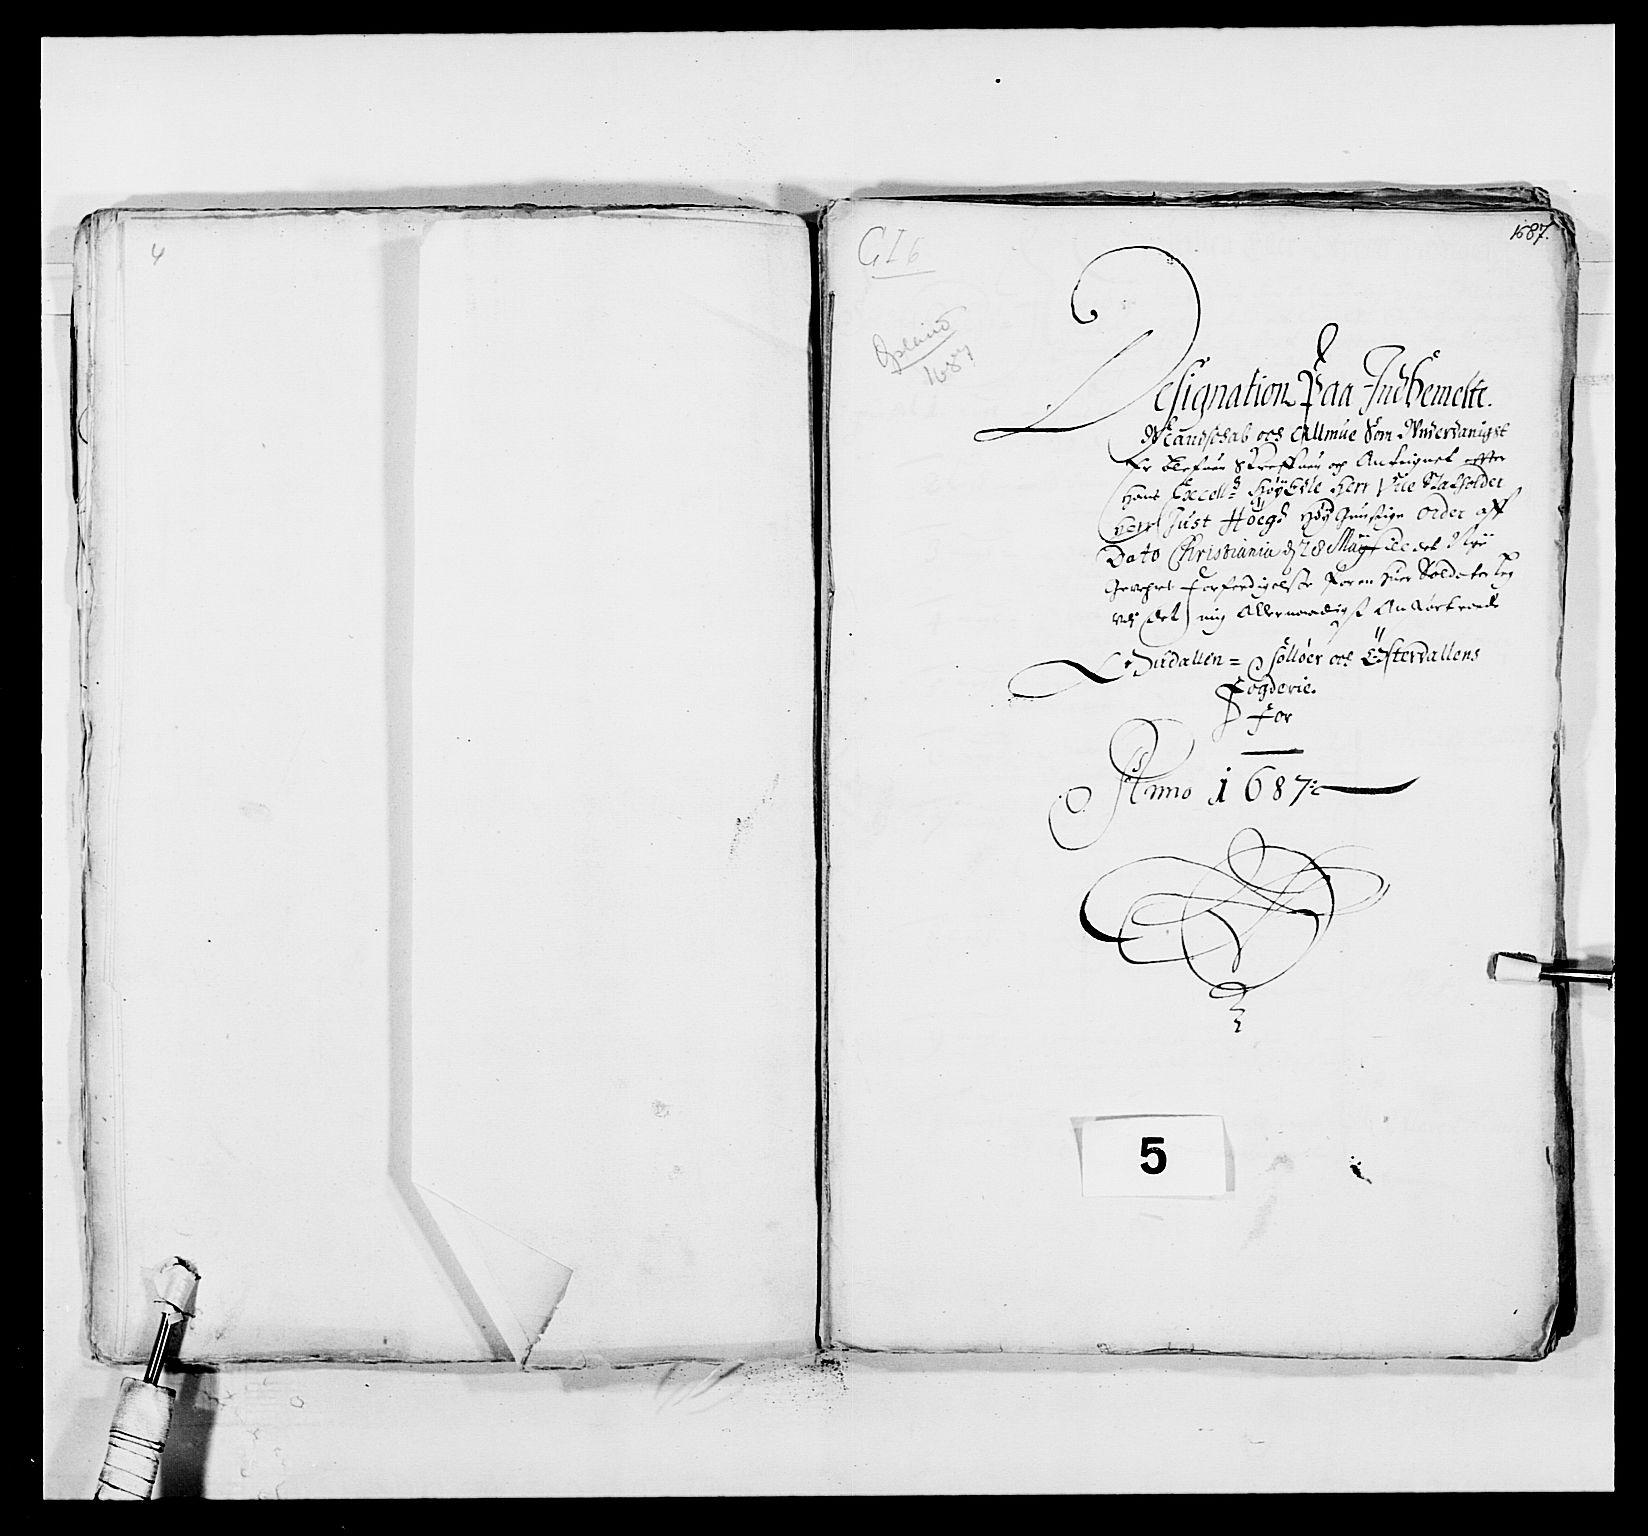 RA, Kommanderende general (KG I) med Det norske krigsdirektorium, E/Ea/L0498: Opplandske regiment, 1662-1689, p. 371